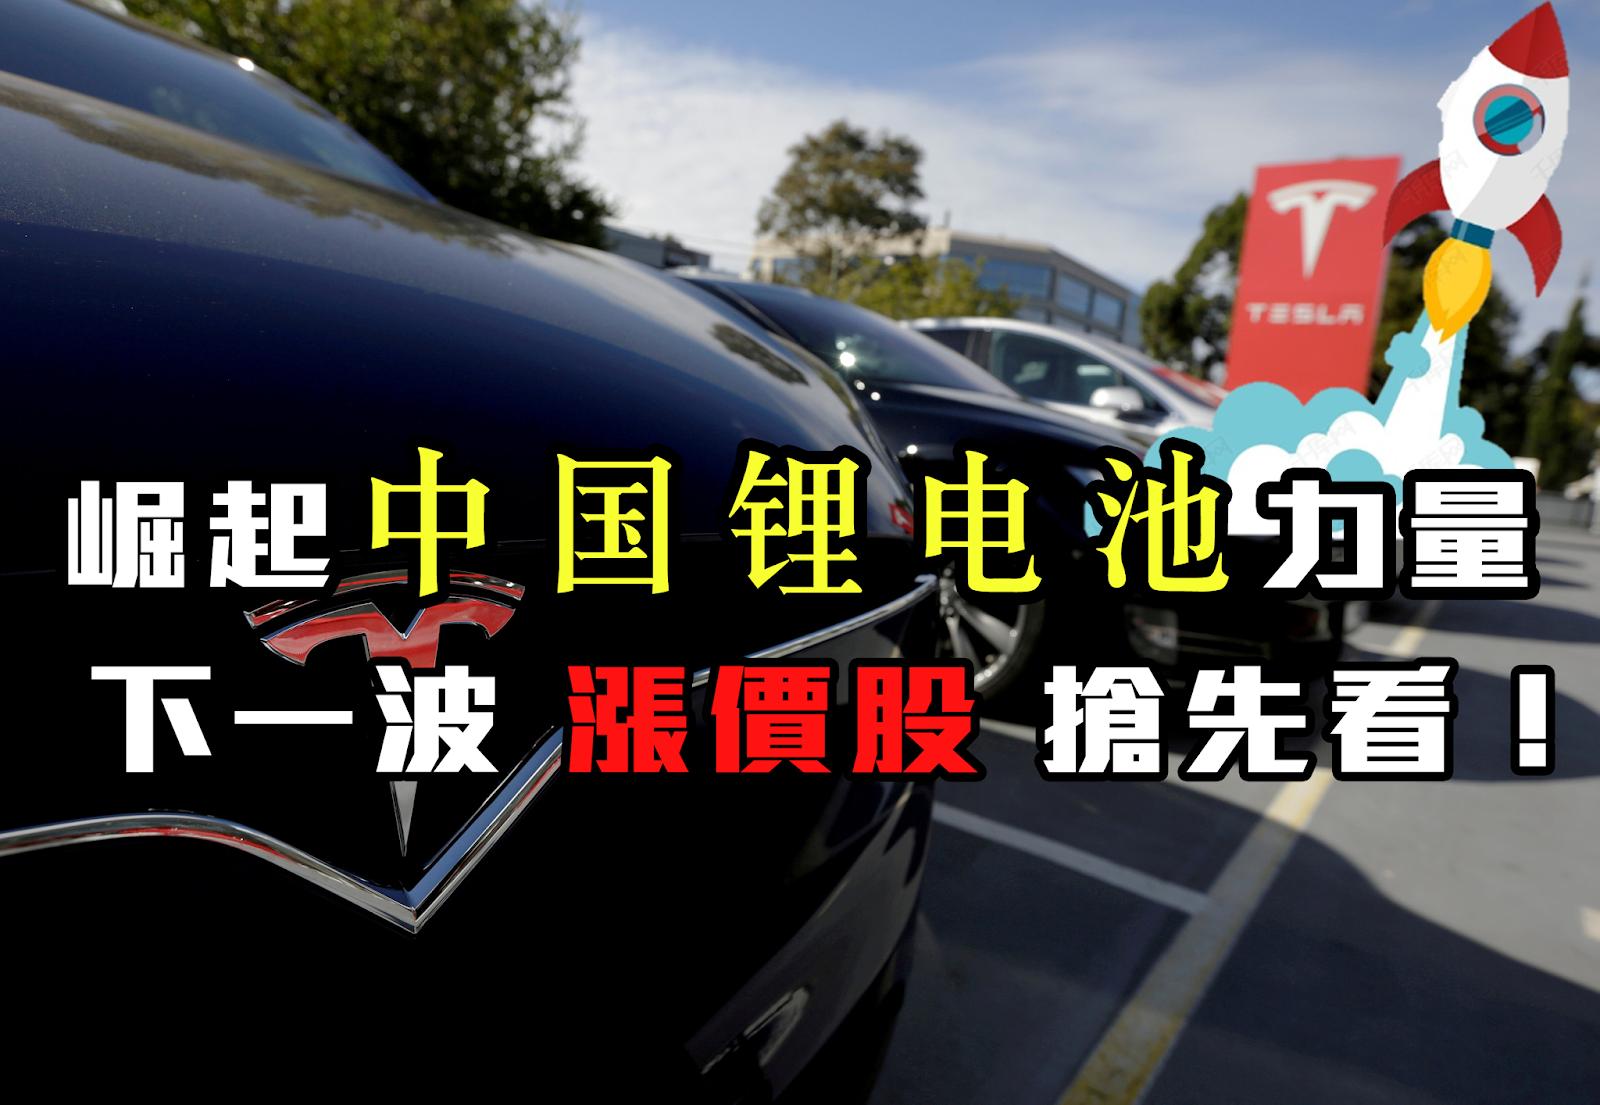 【06/14 貓奴看台股】寧德時代 發威 + Tesla 重振旗鼓!這檔『電動車概念股』力量,下一波「漲價」將崛起!